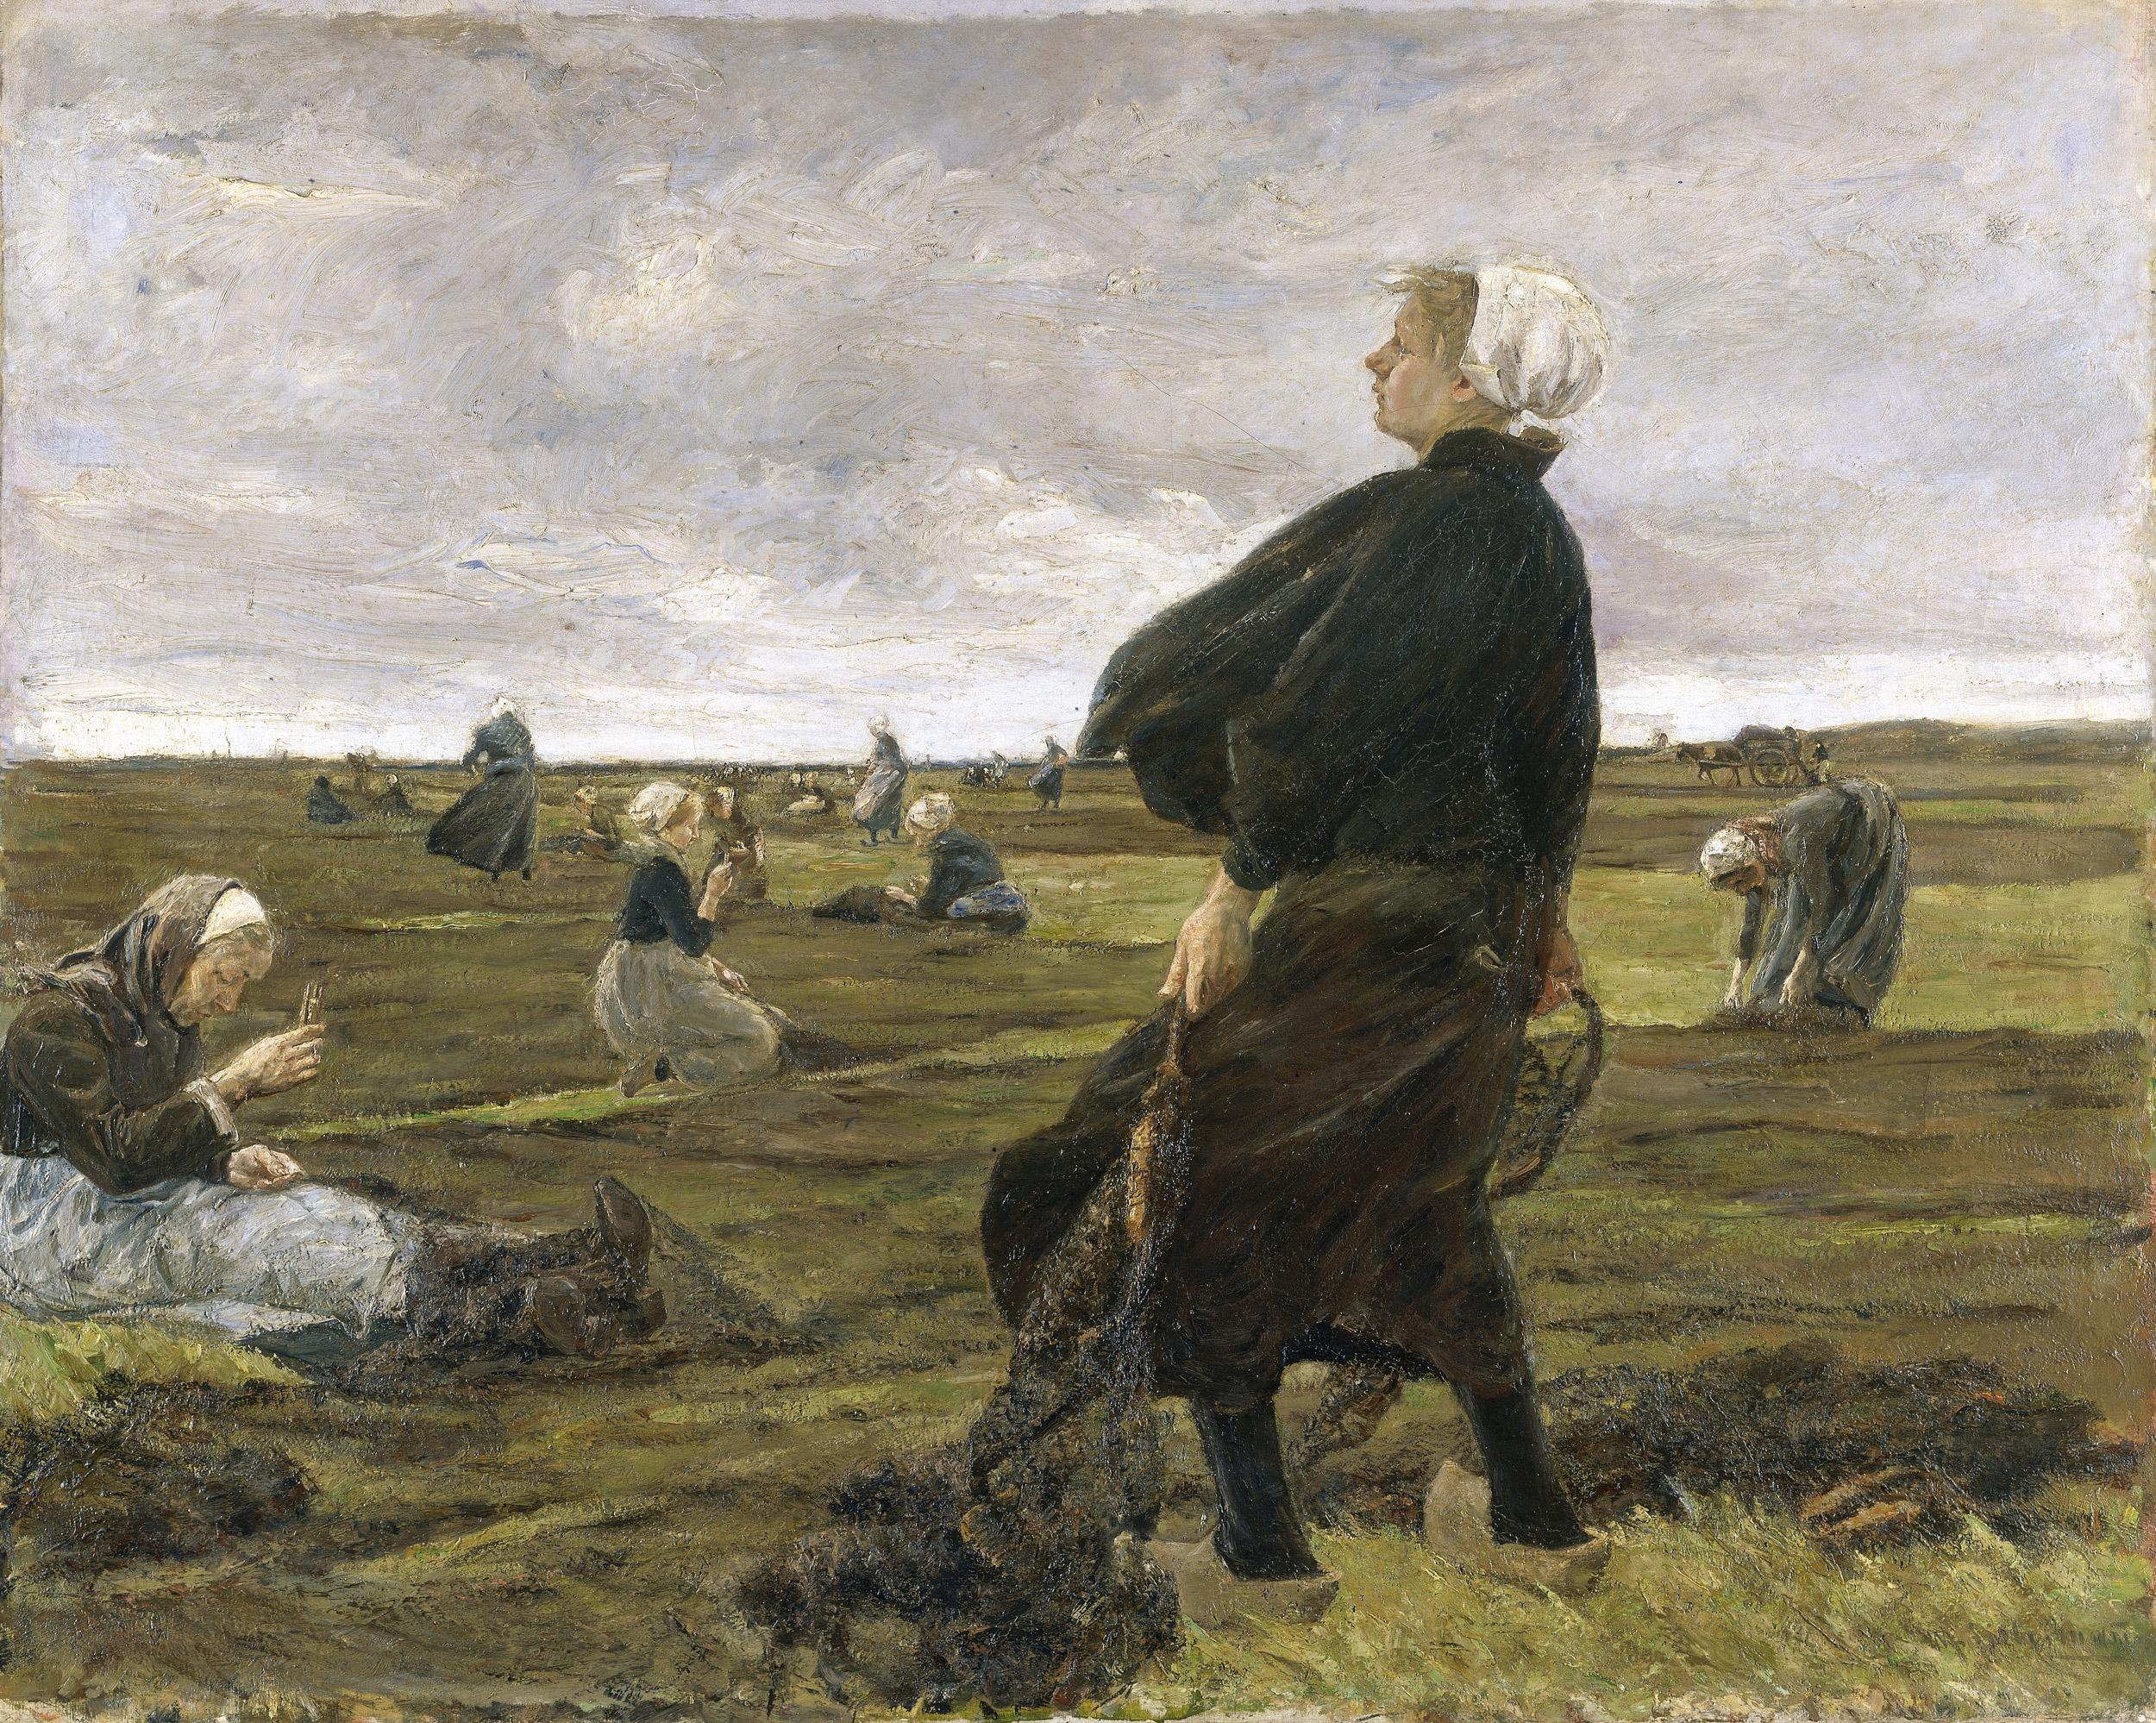 Max Liebermann (1847-1835): Die Netzflickerinnen, 1887/89 © Hamburger Kunsthalle / bpk. Foto: Elke Walford